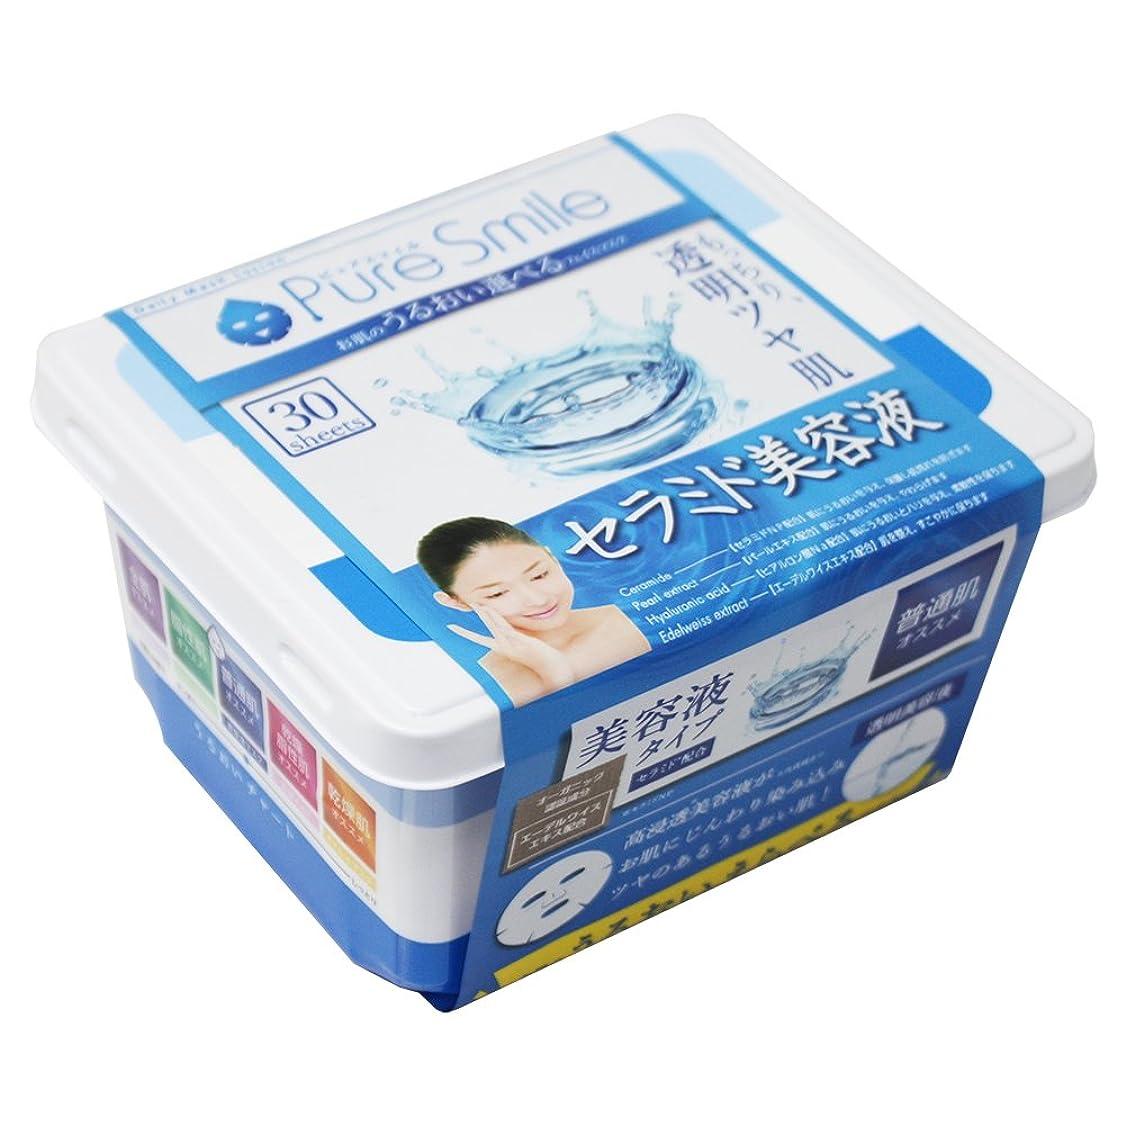 処理高揚した明らかPureSmile(ピュアスマイル) フェイスパック エッセンスマスク 30枚セット セラミド美容液?3S03